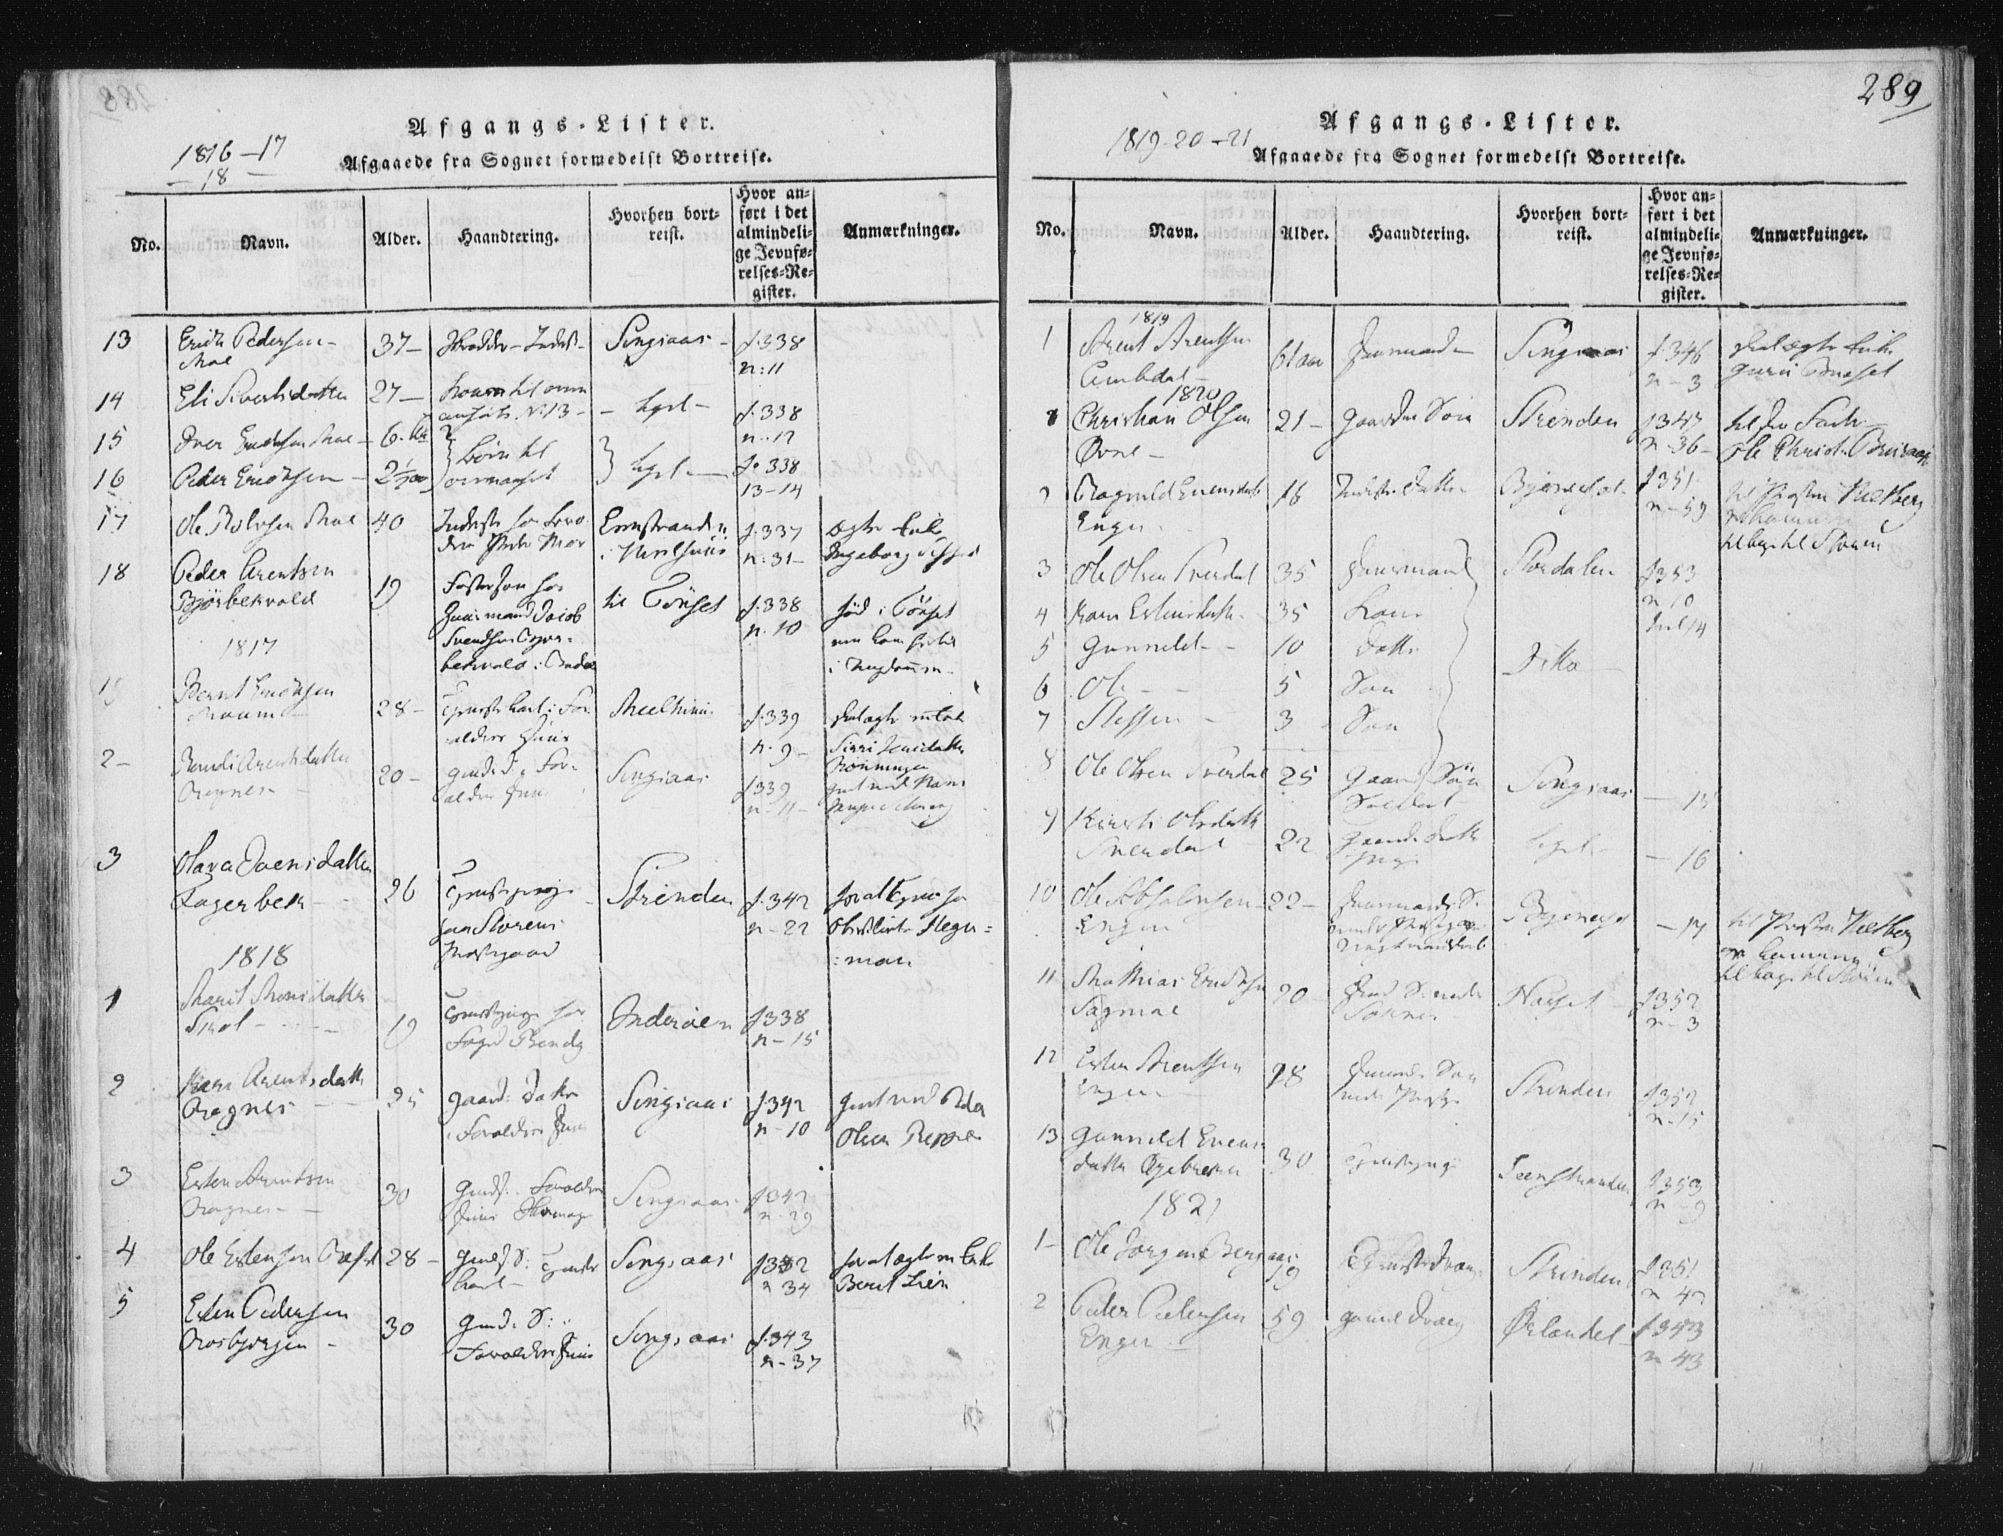 SAT, Ministerialprotokoller, klokkerbøker og fødselsregistre - Sør-Trøndelag, 687/L0996: Ministerialbok nr. 687A04, 1816-1842, s. 289